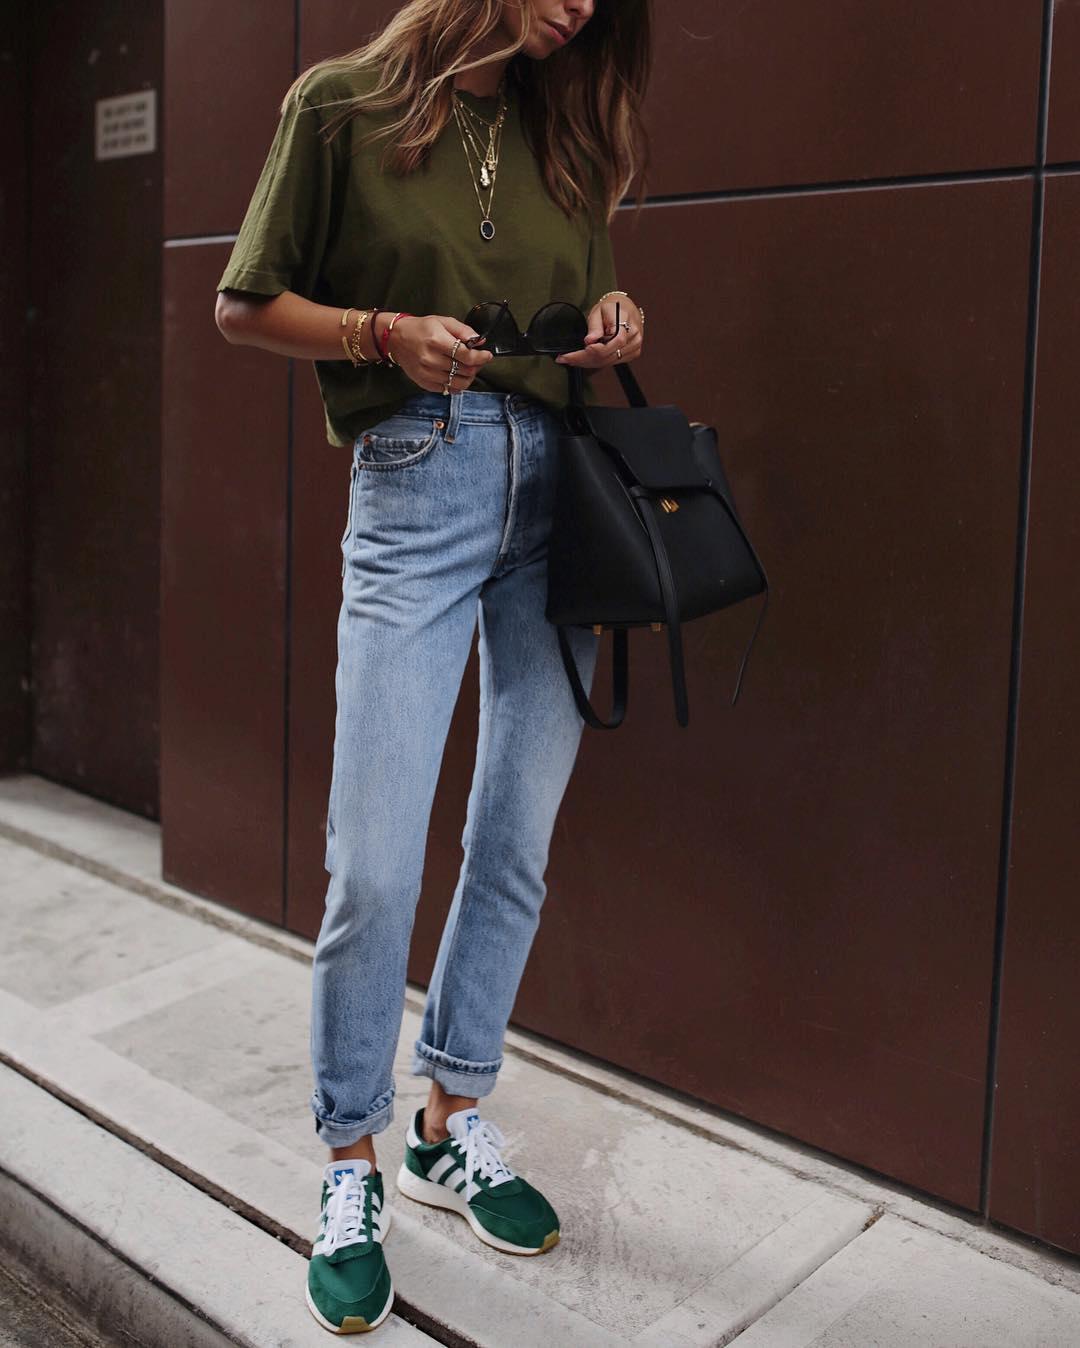 джинсы с кроссовками и кедами фото 2